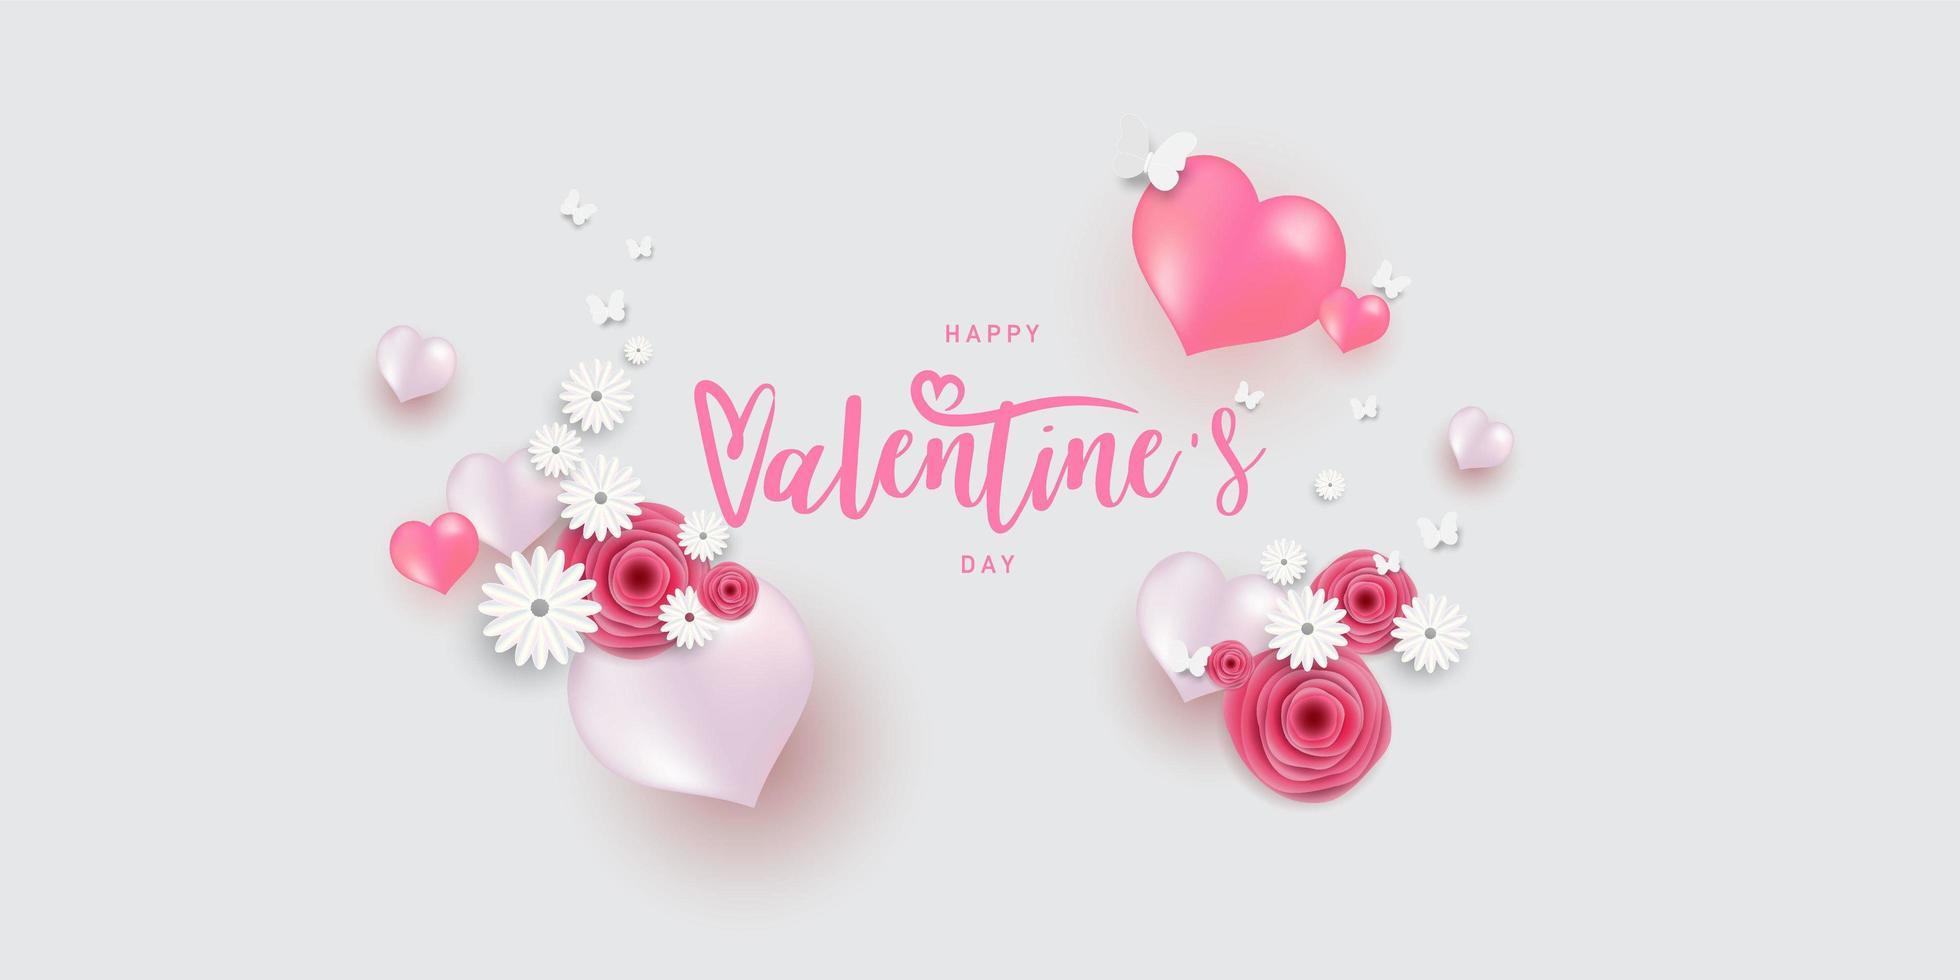 rosa vita ballonger och blommor för alla hjärtans dag vektor